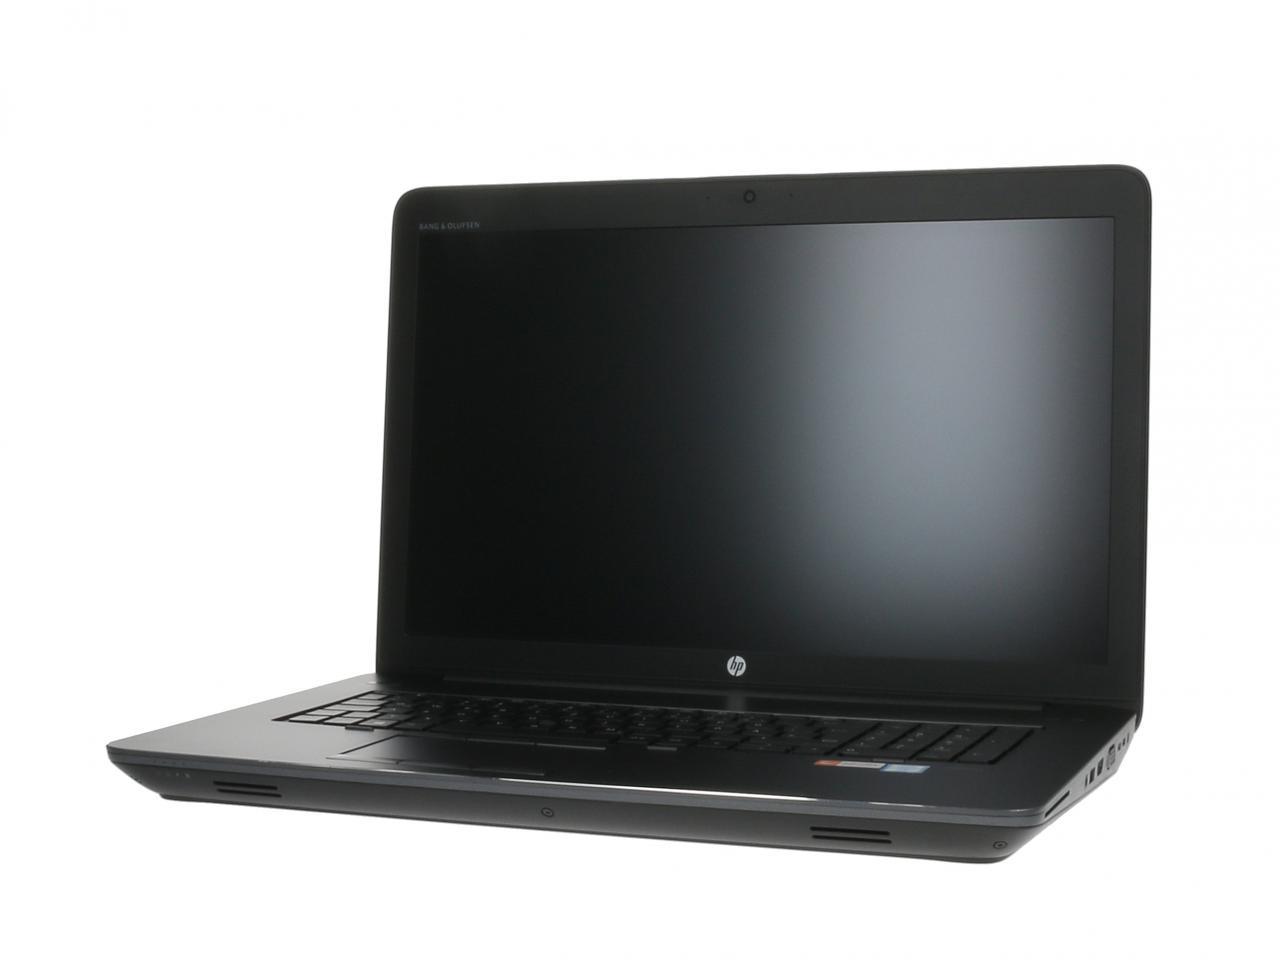 Hewlett Packard ProBook 6570b  - shop.bb-net.de